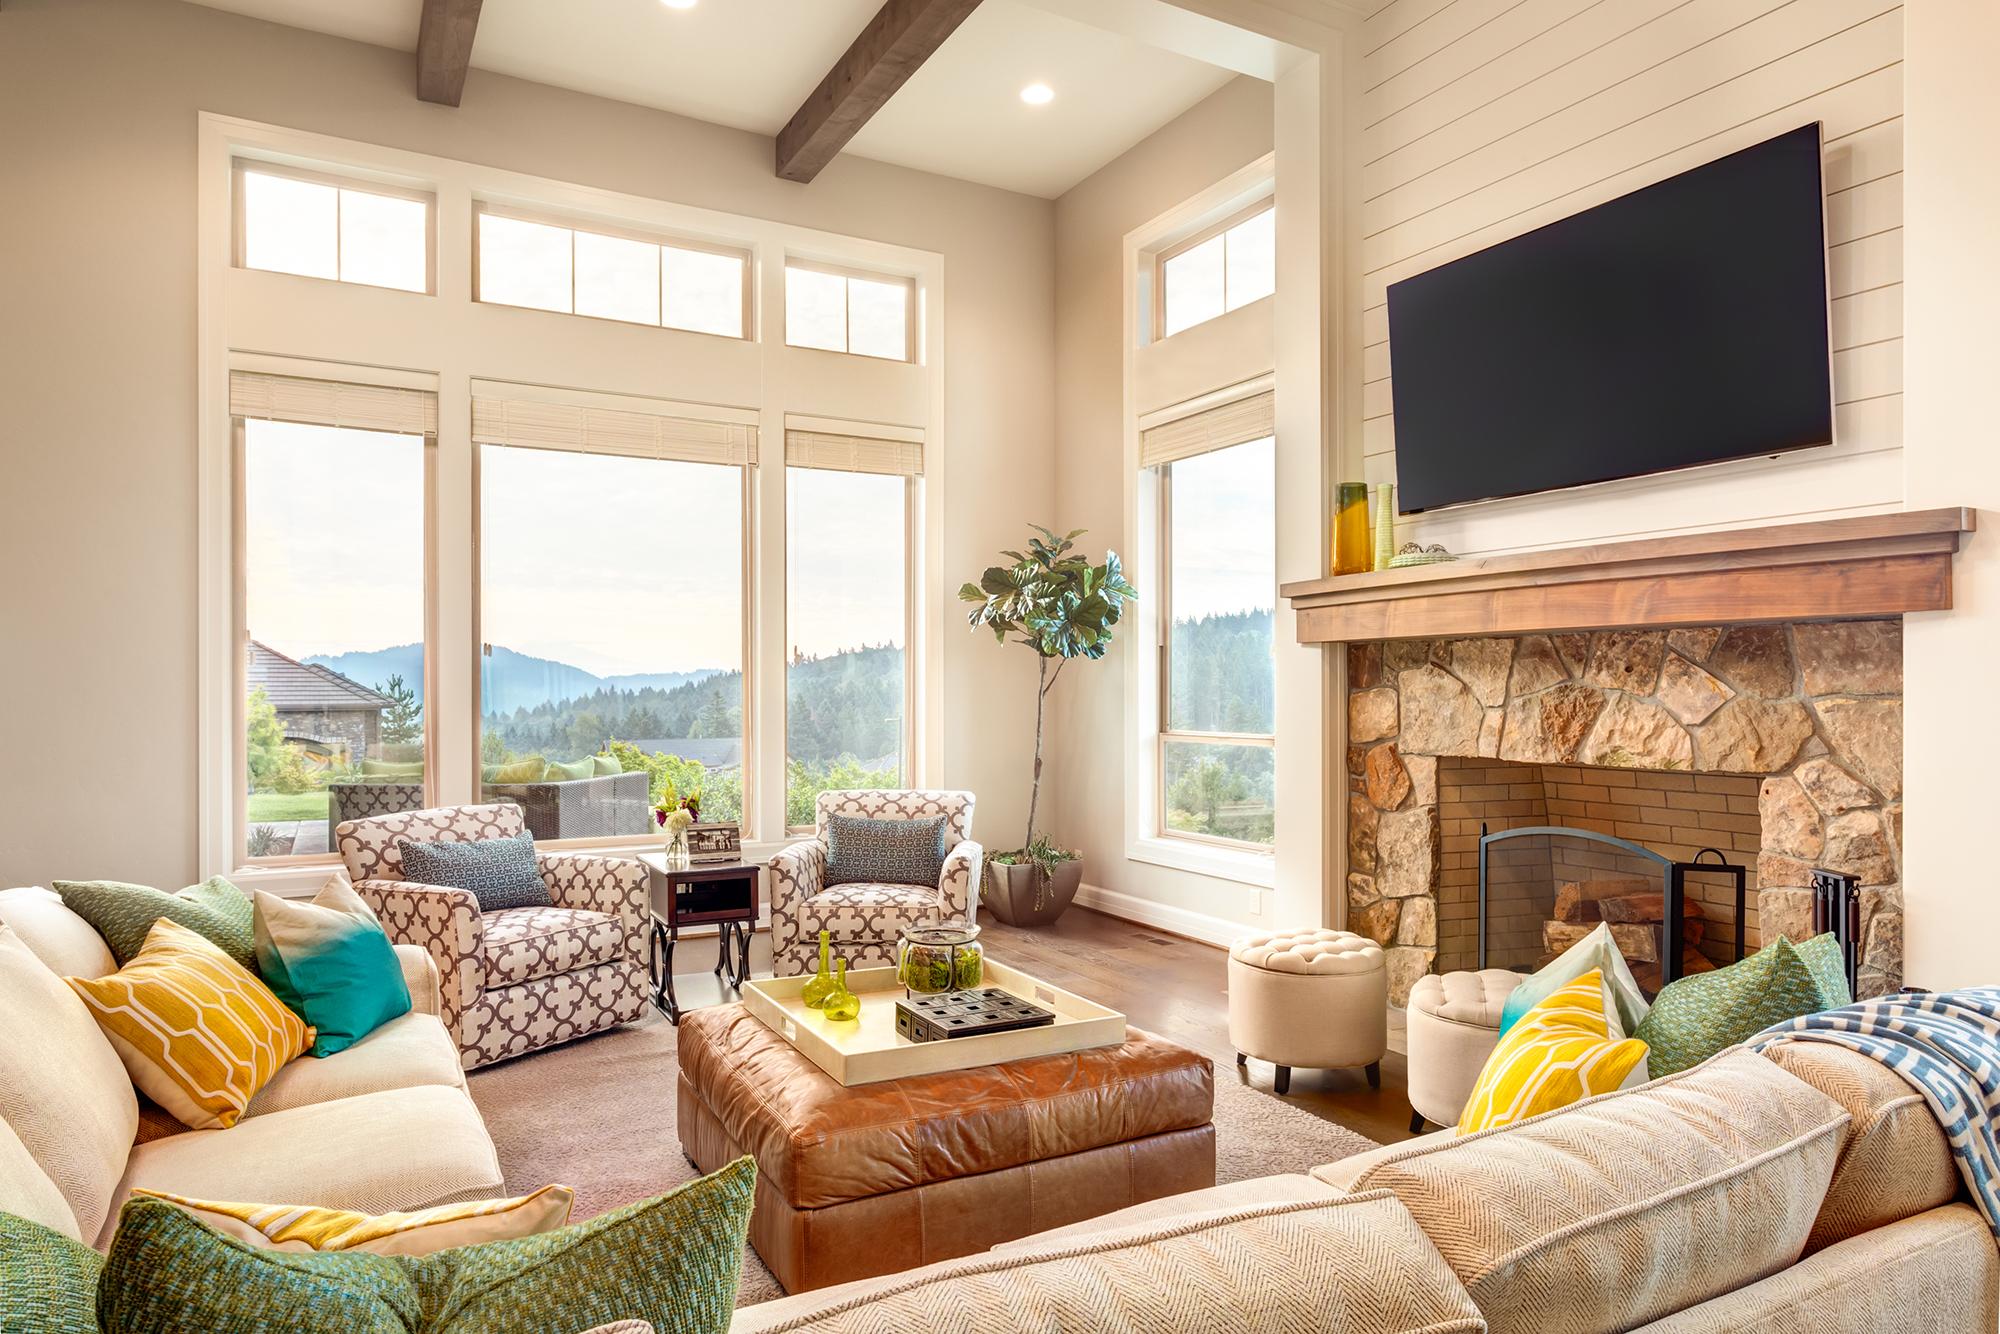 Es muss nicht immer ein klassischer Couchtisch sein, um das Wohnzimmer zu komplettieren.